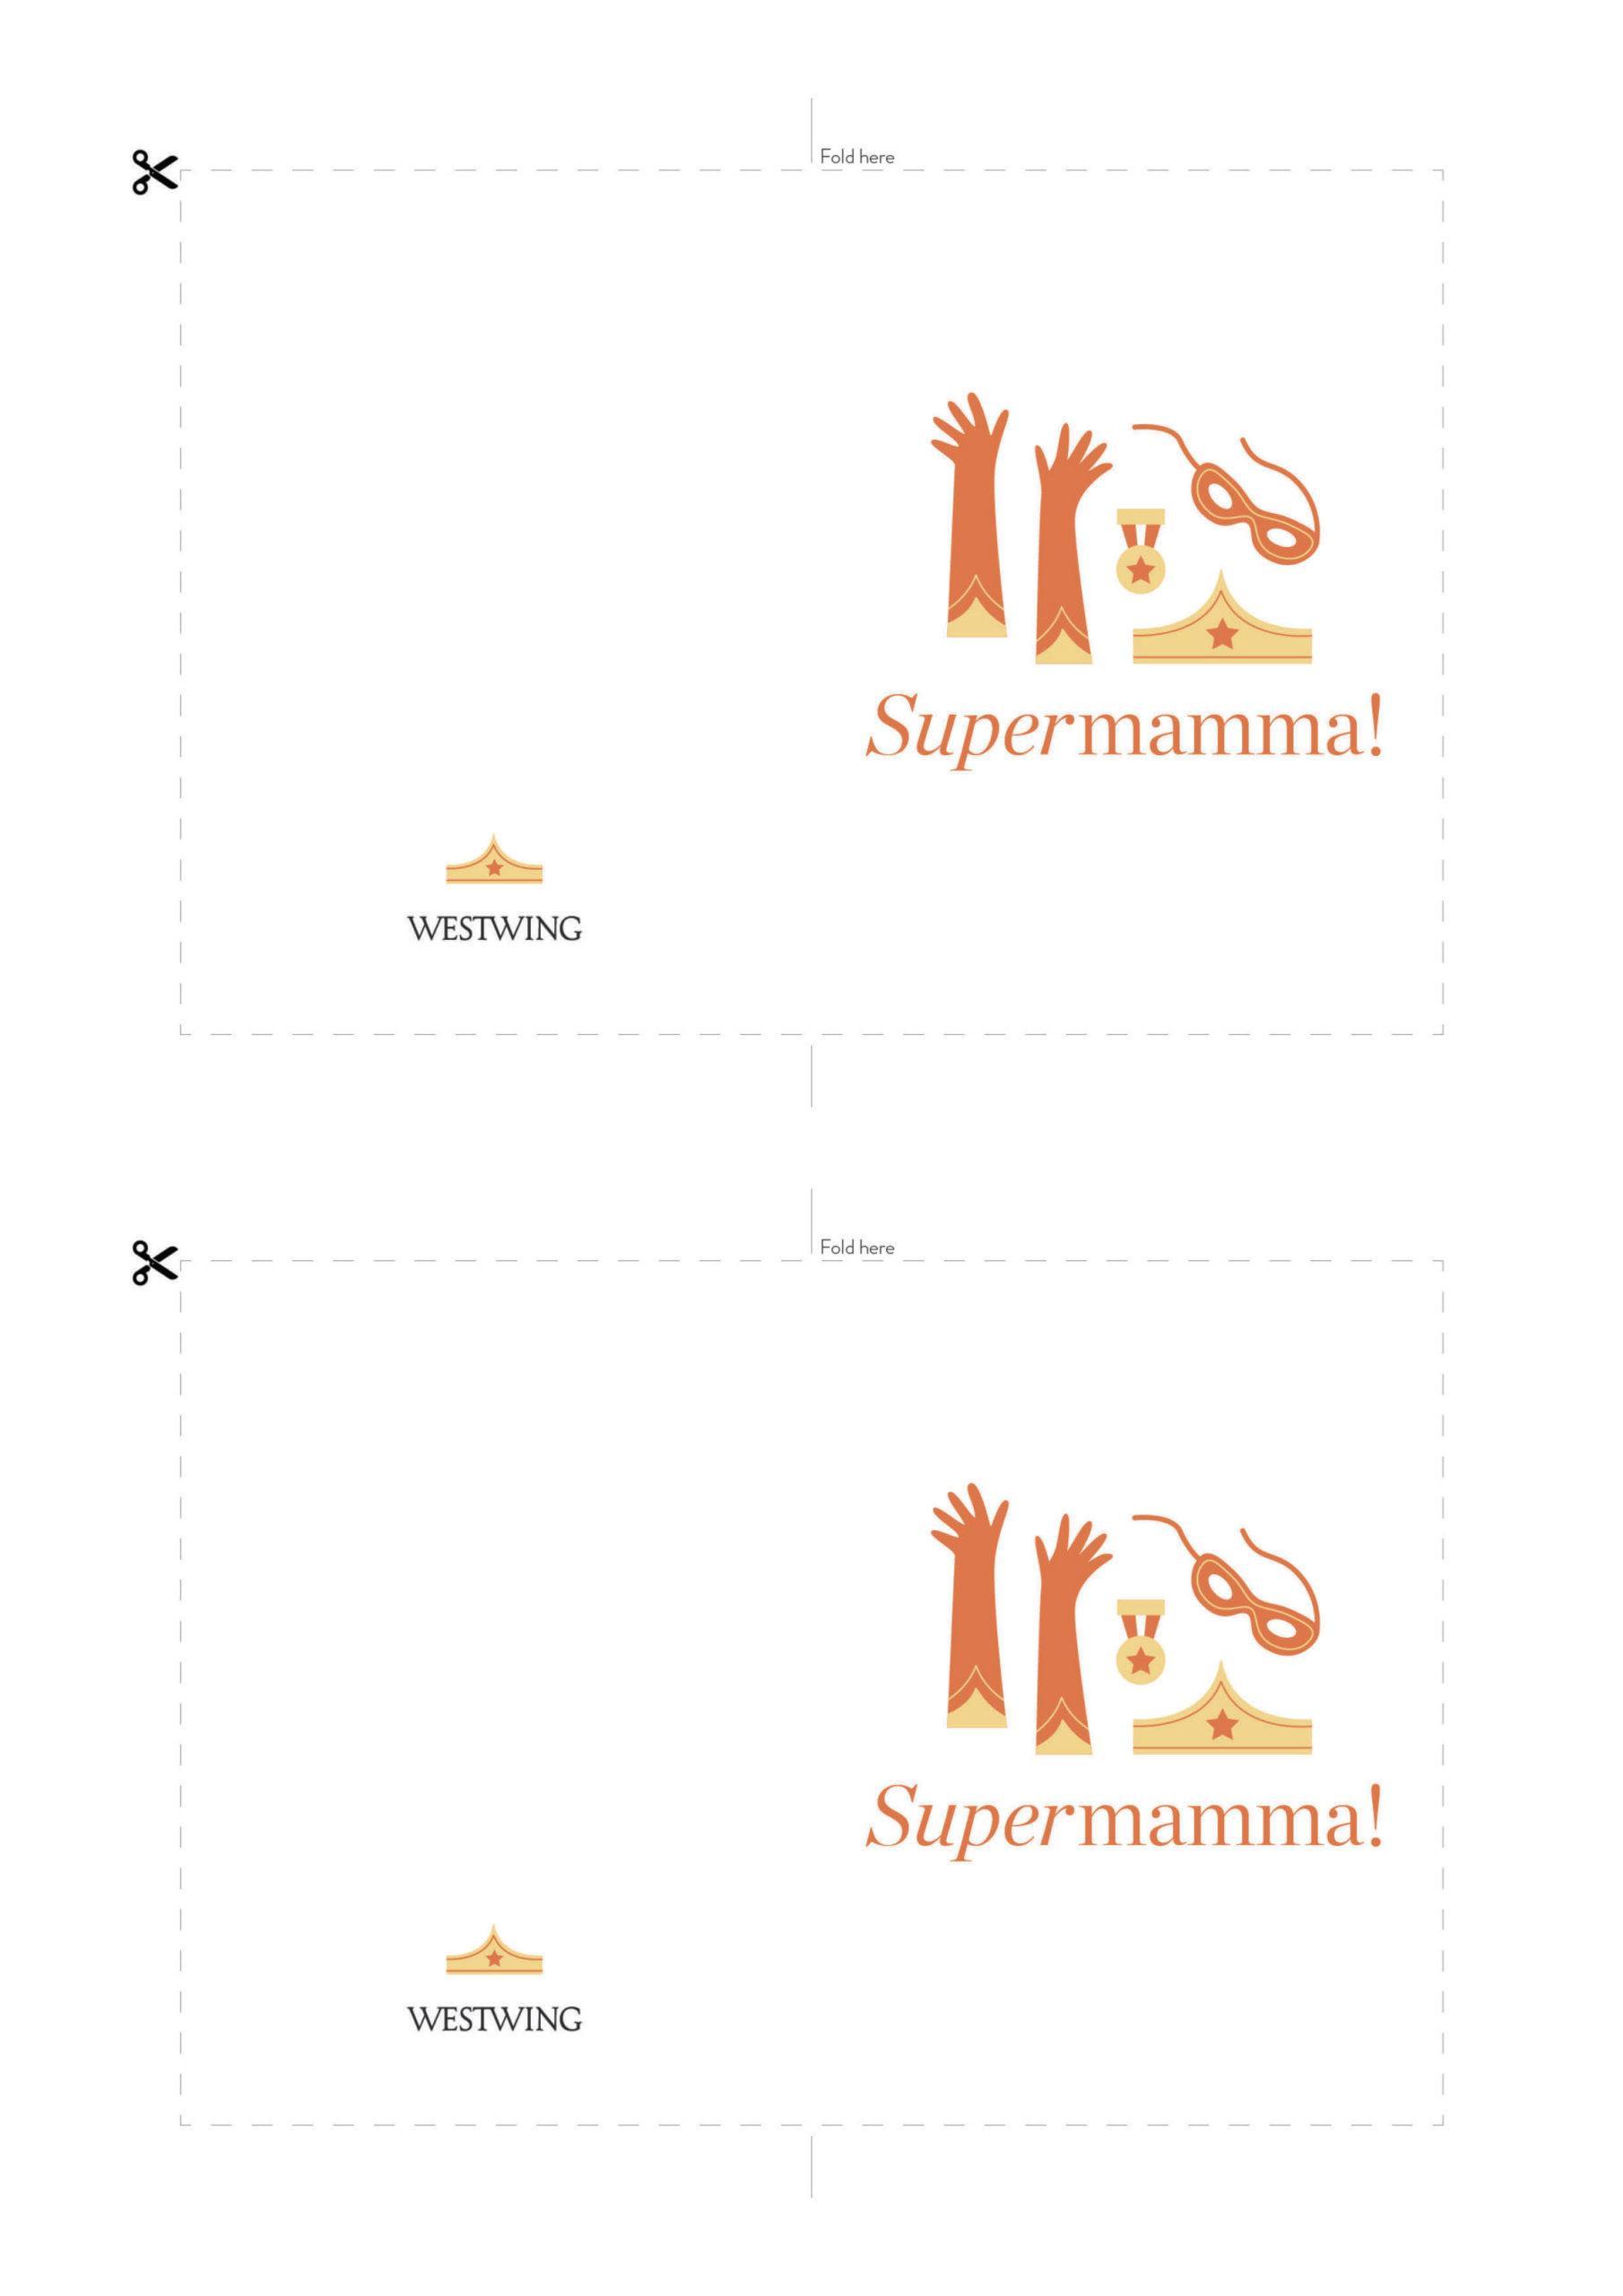 Biglietto supermamma